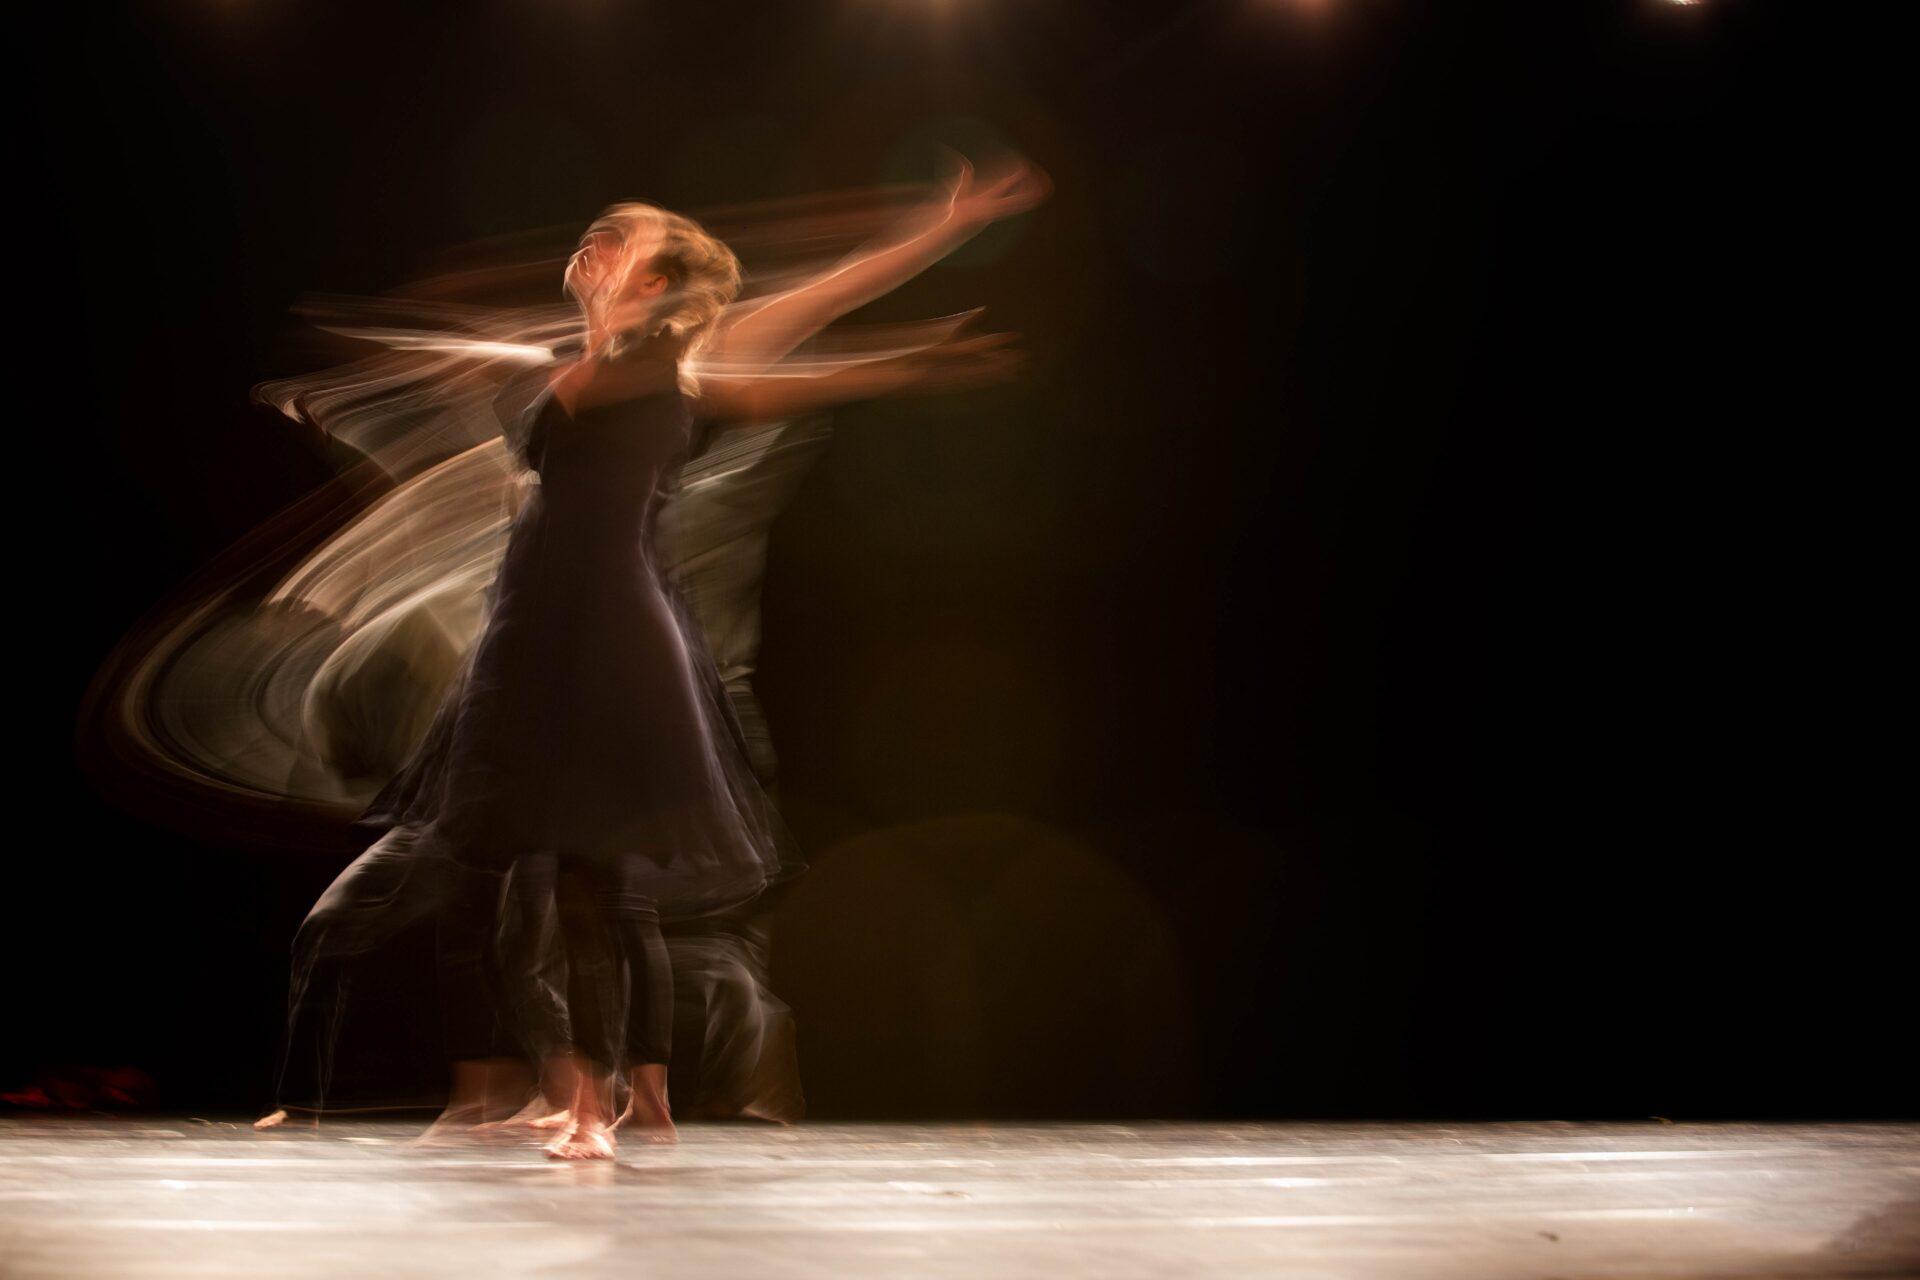 Quatro apps para aprender a dançar | #FiqueEmCasa